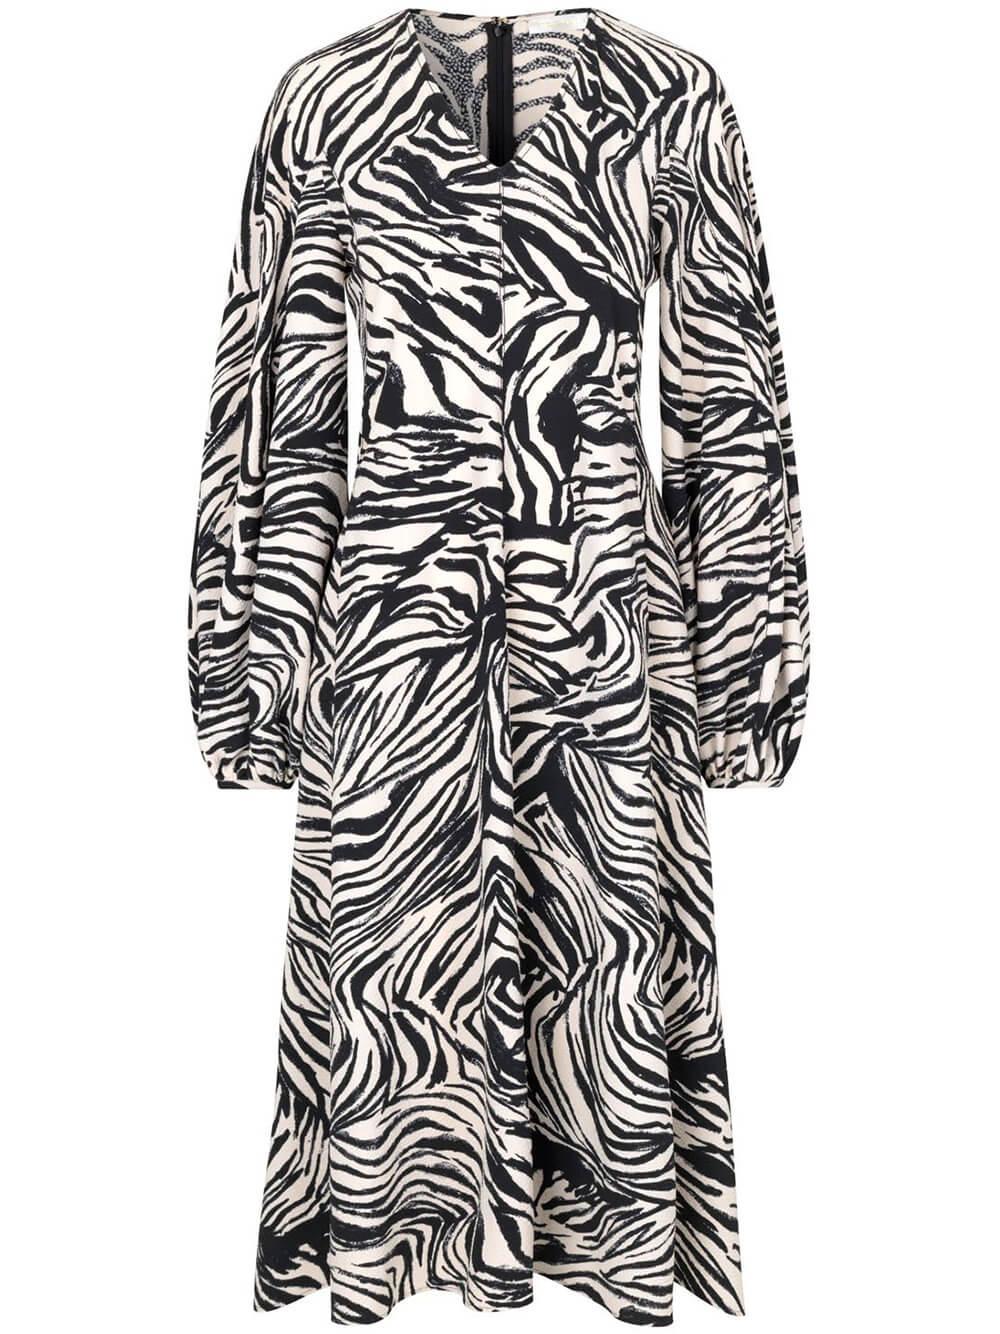 Rosen Dress Item # SG3555